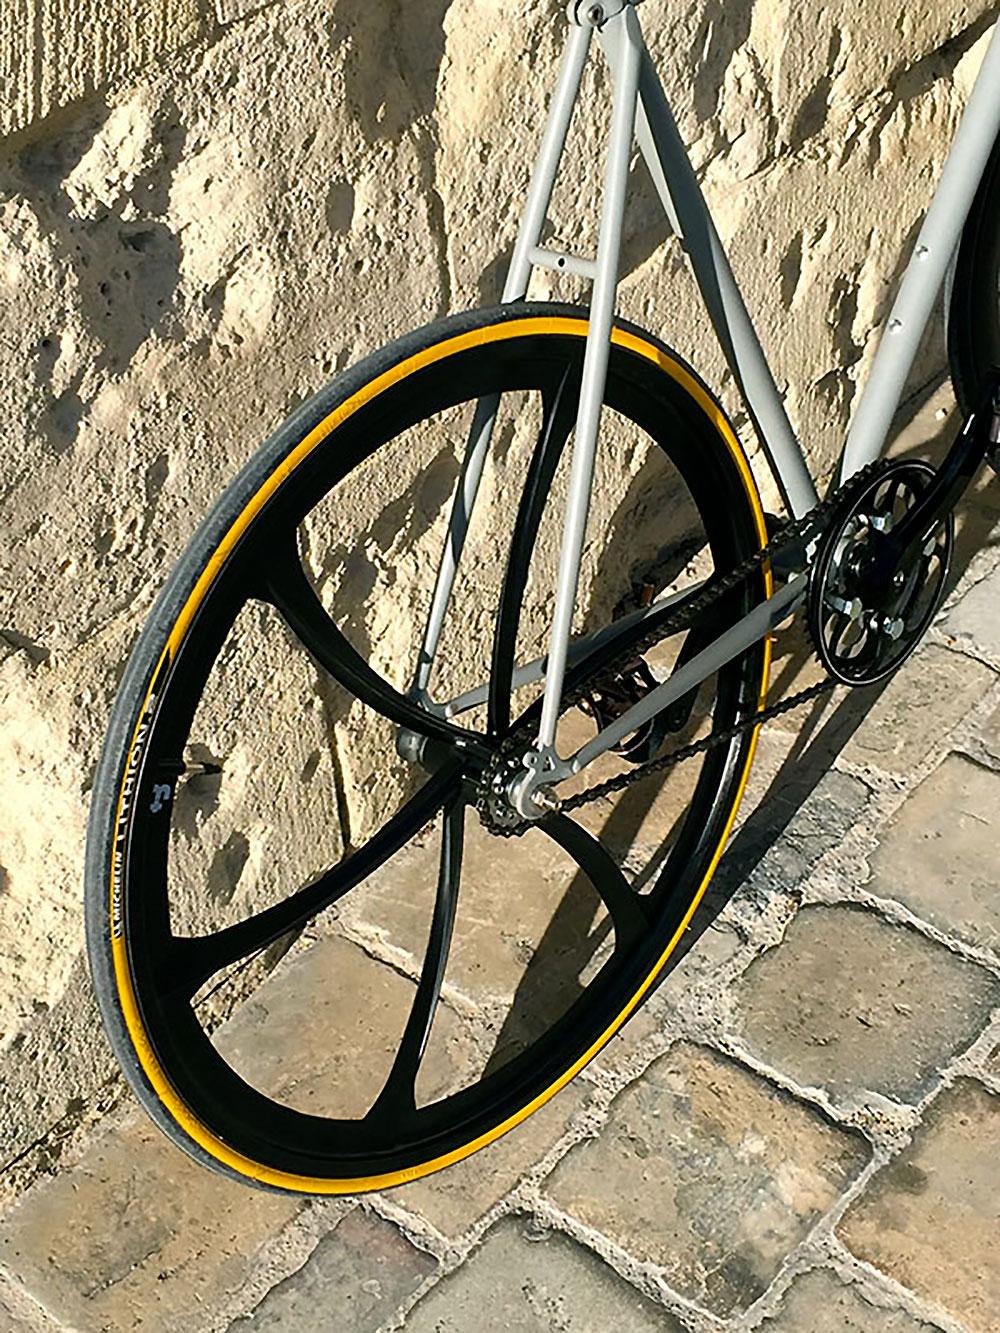 Vieux vélo Peugeot PH501 Le Ventoux devenu un fixie urbain